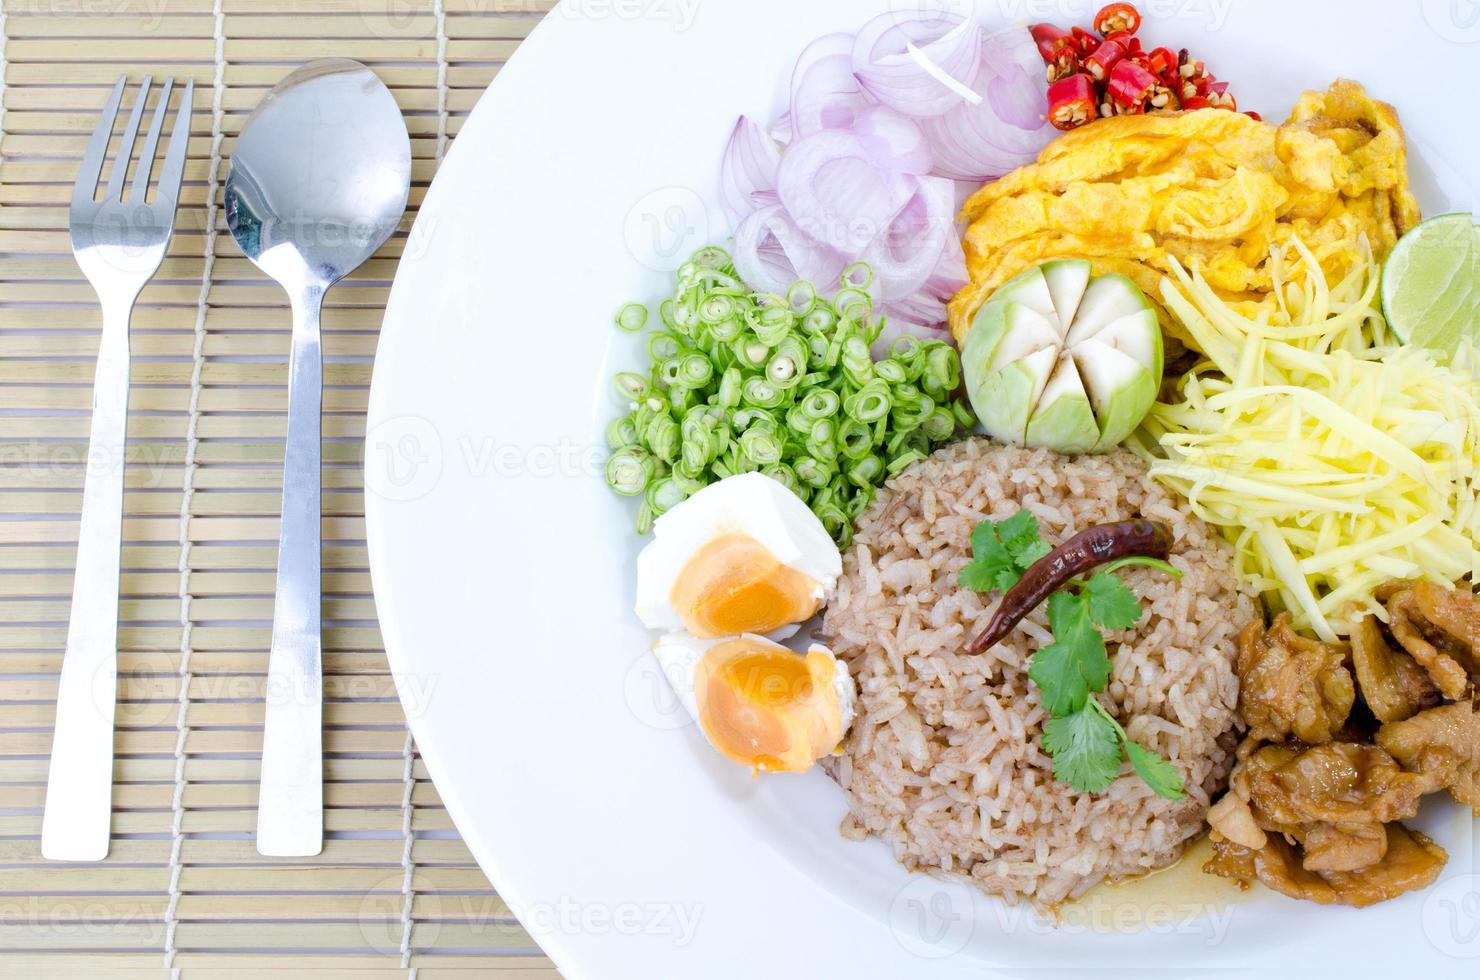 stek ris med räkor, thai mat foto